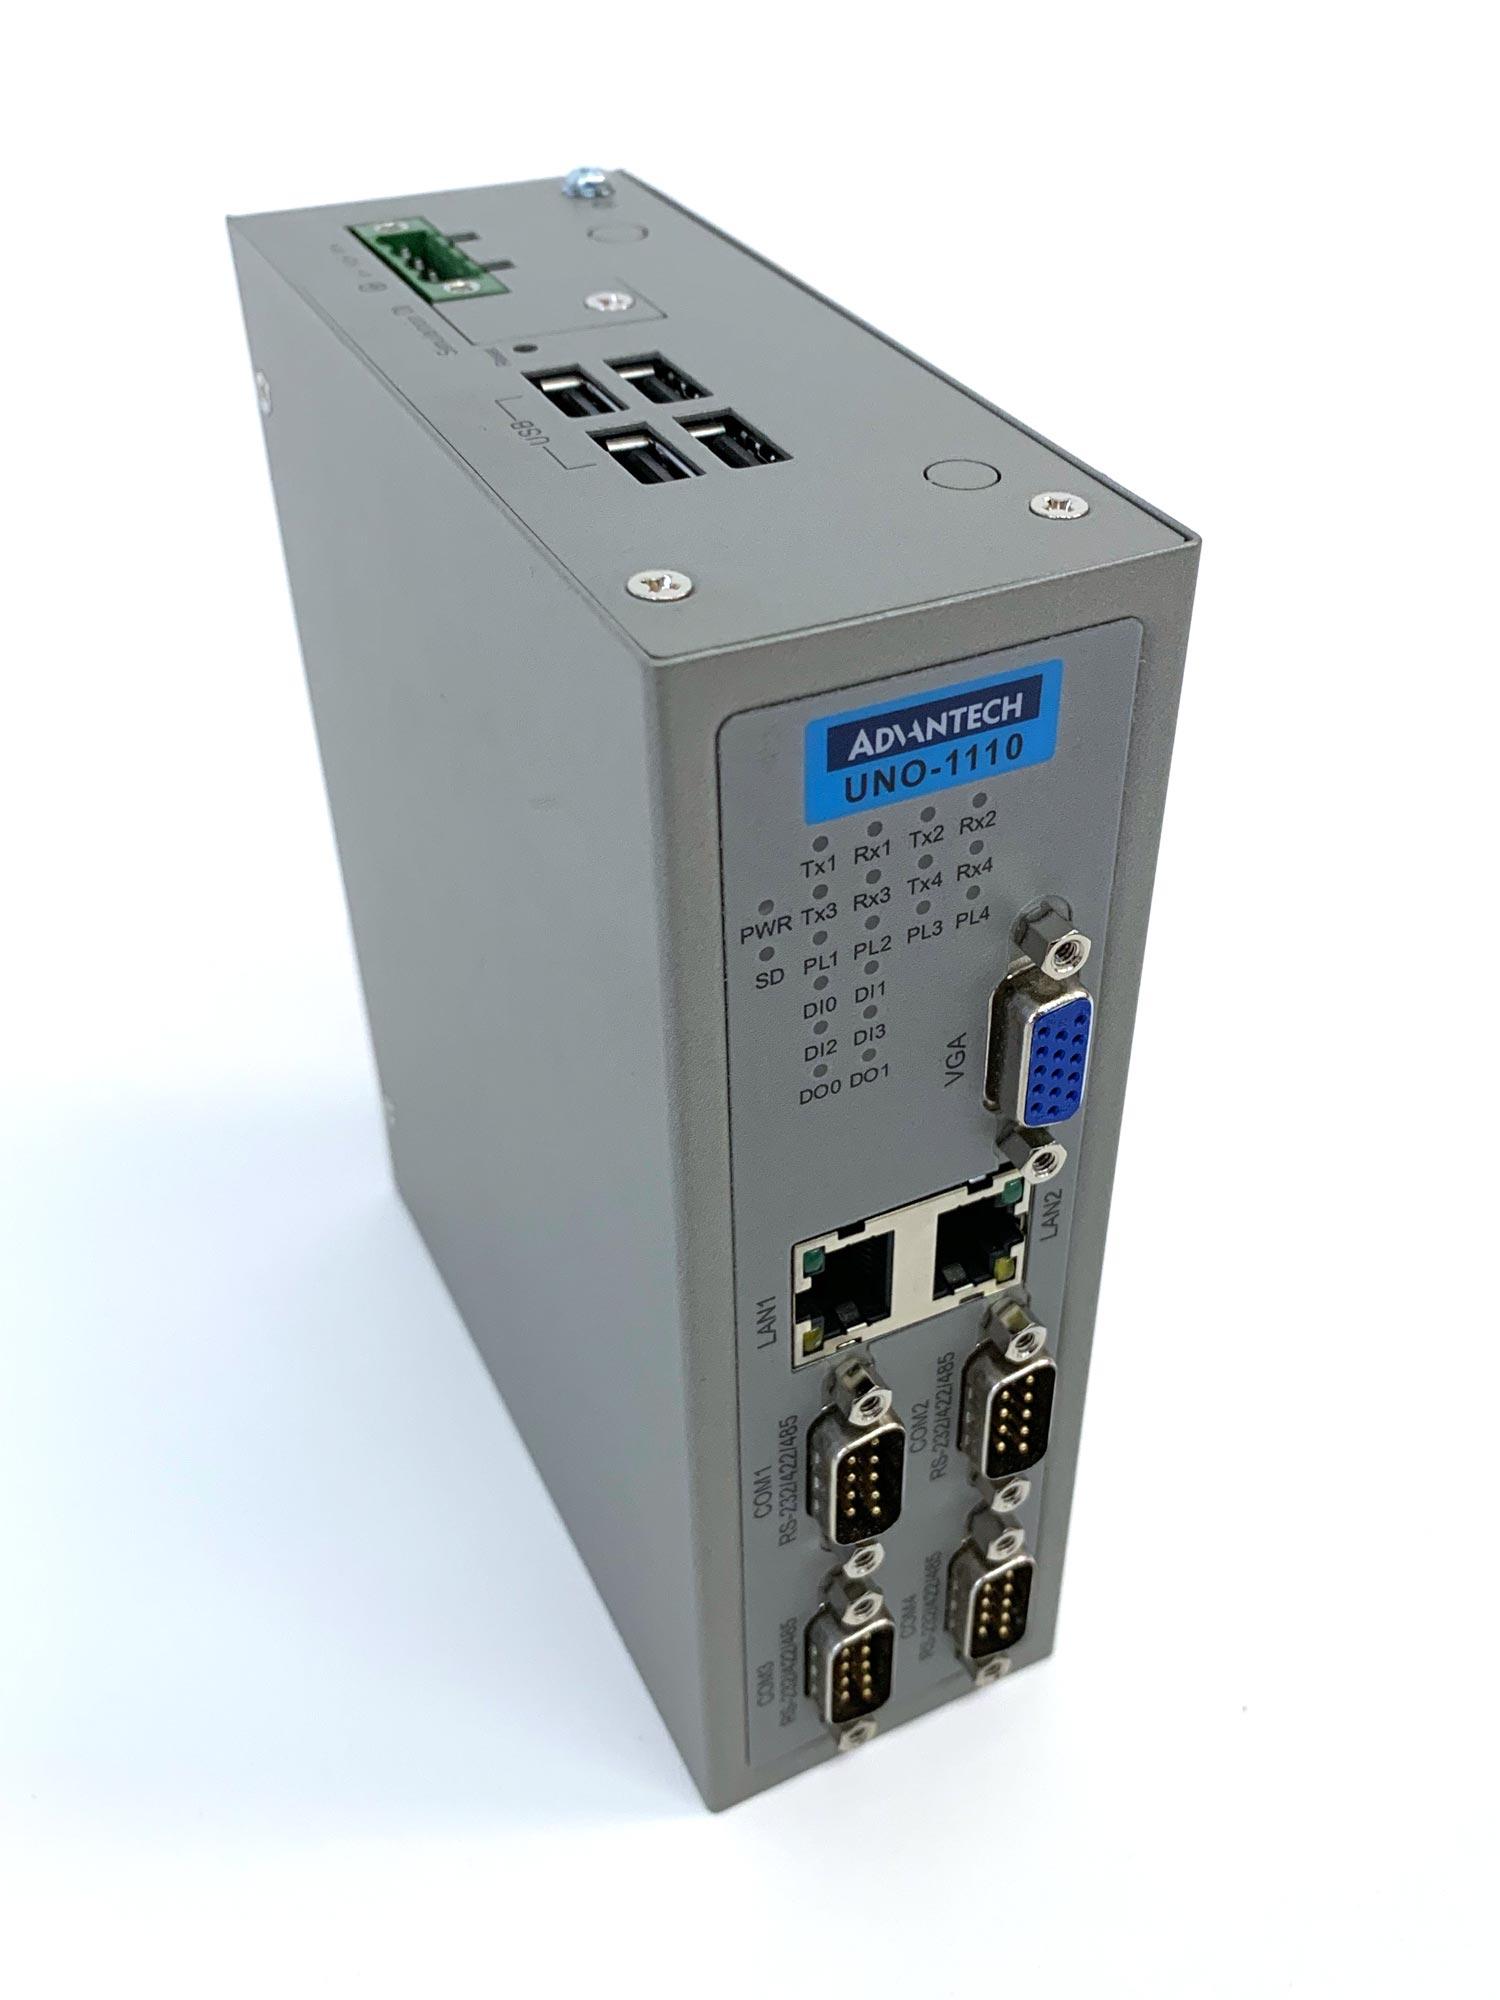 UNO-1110 - Hutschienen-PC mit Cortex A8 CPU